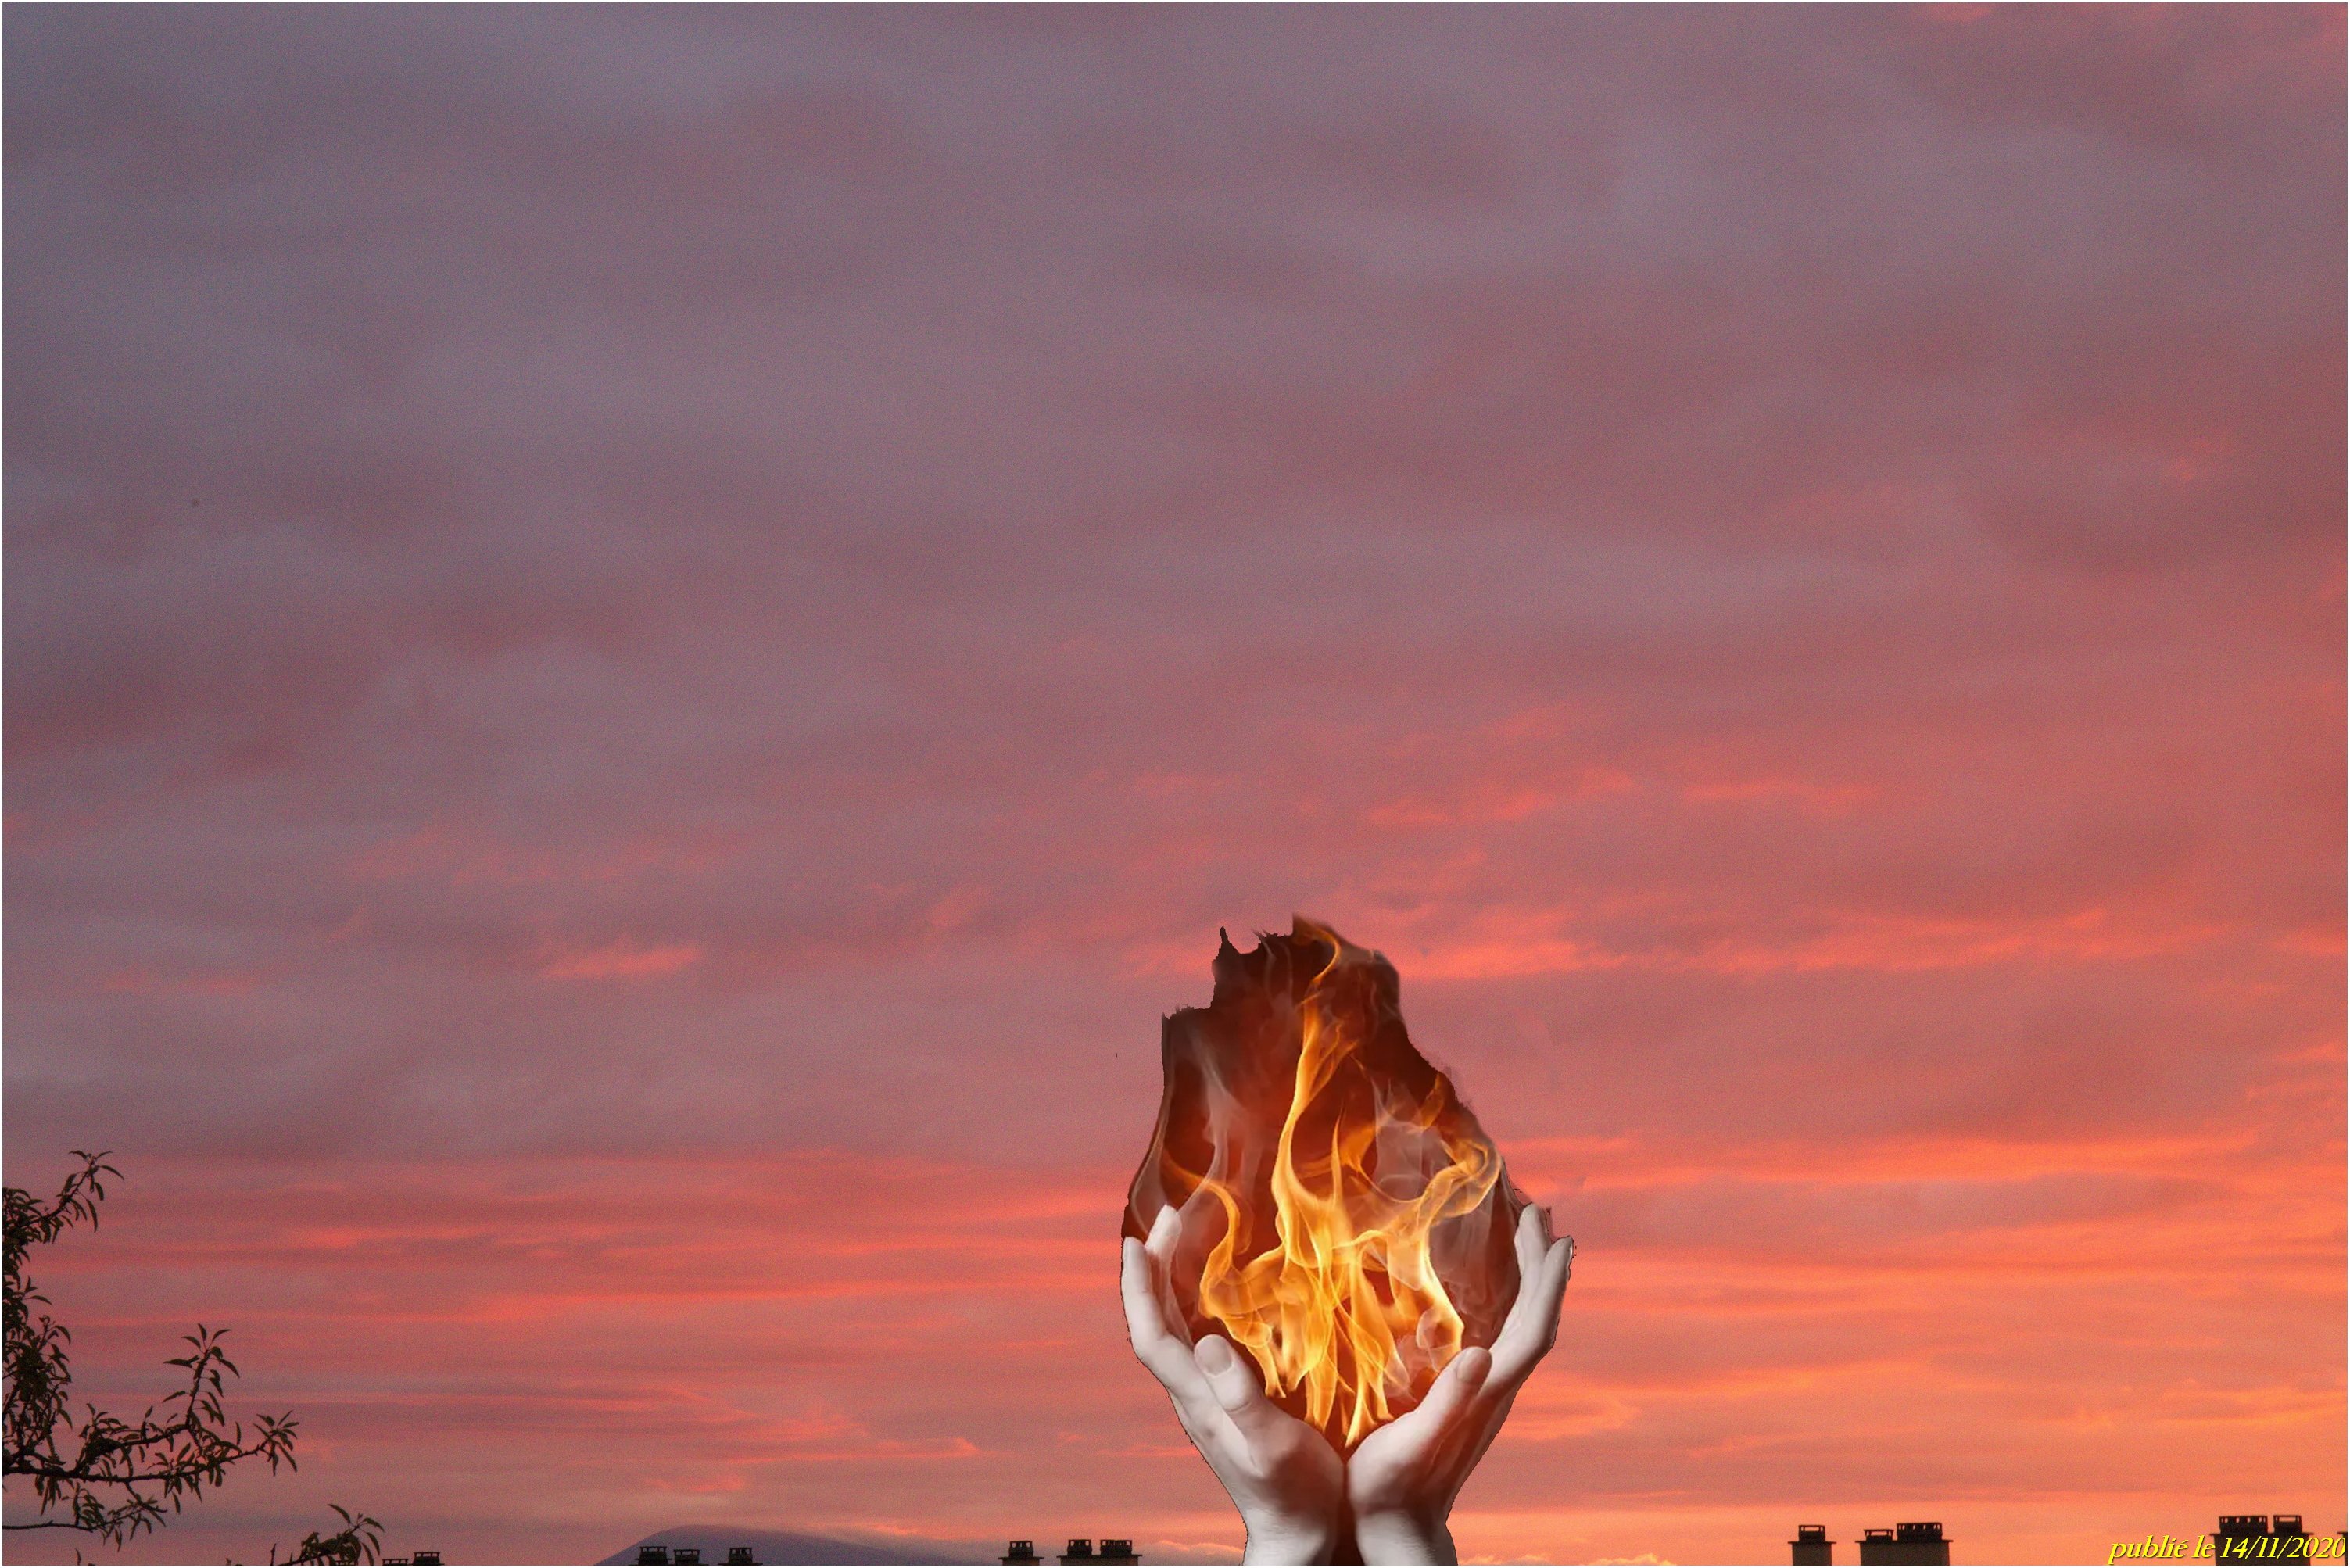 Dominique_D Ciel en feu